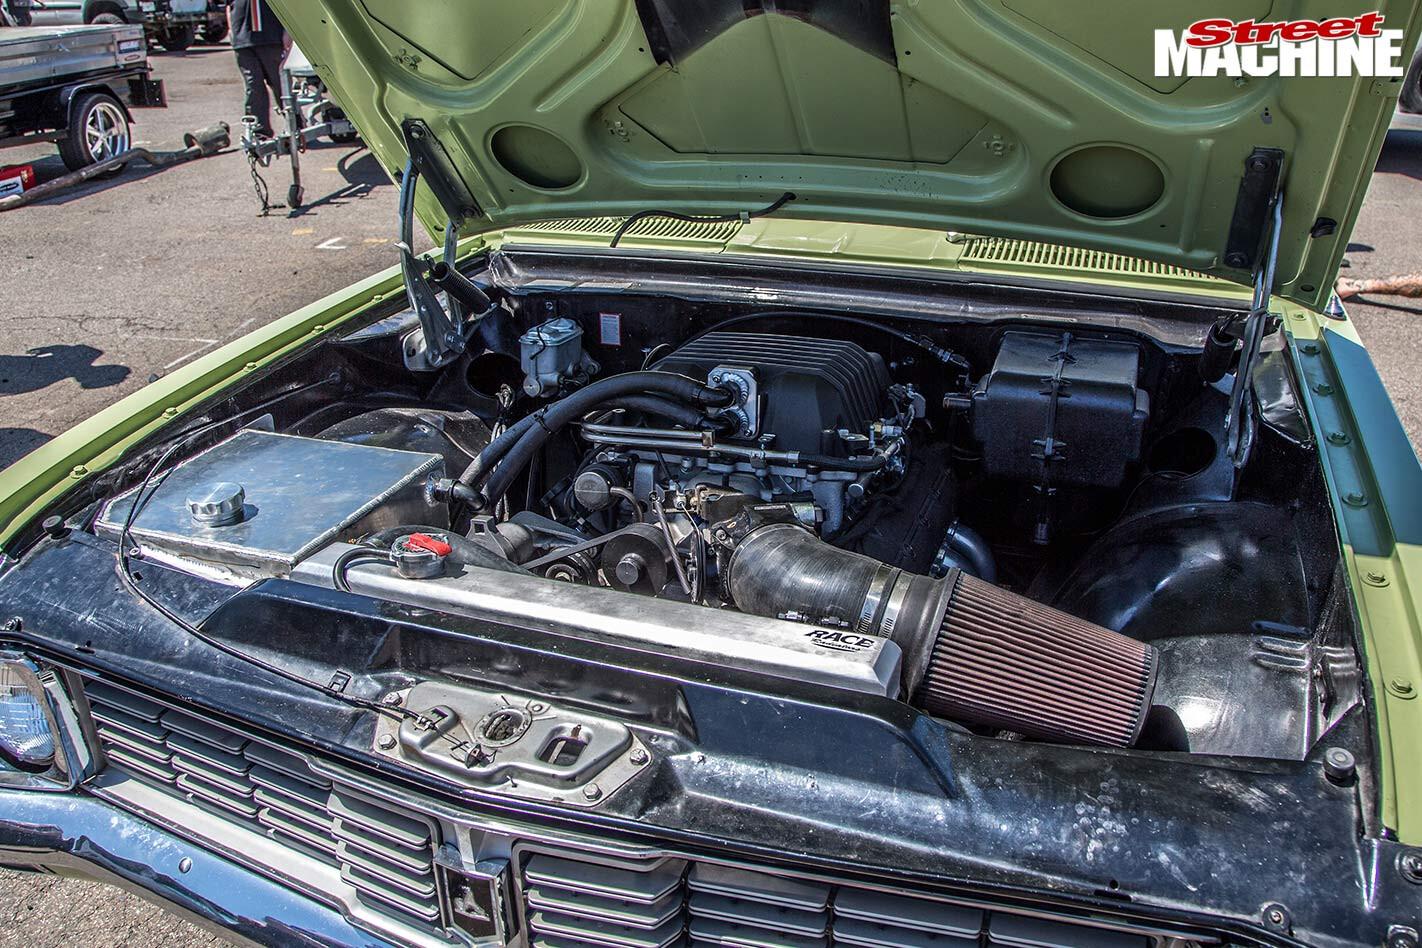 Holden Kingswood engine bay